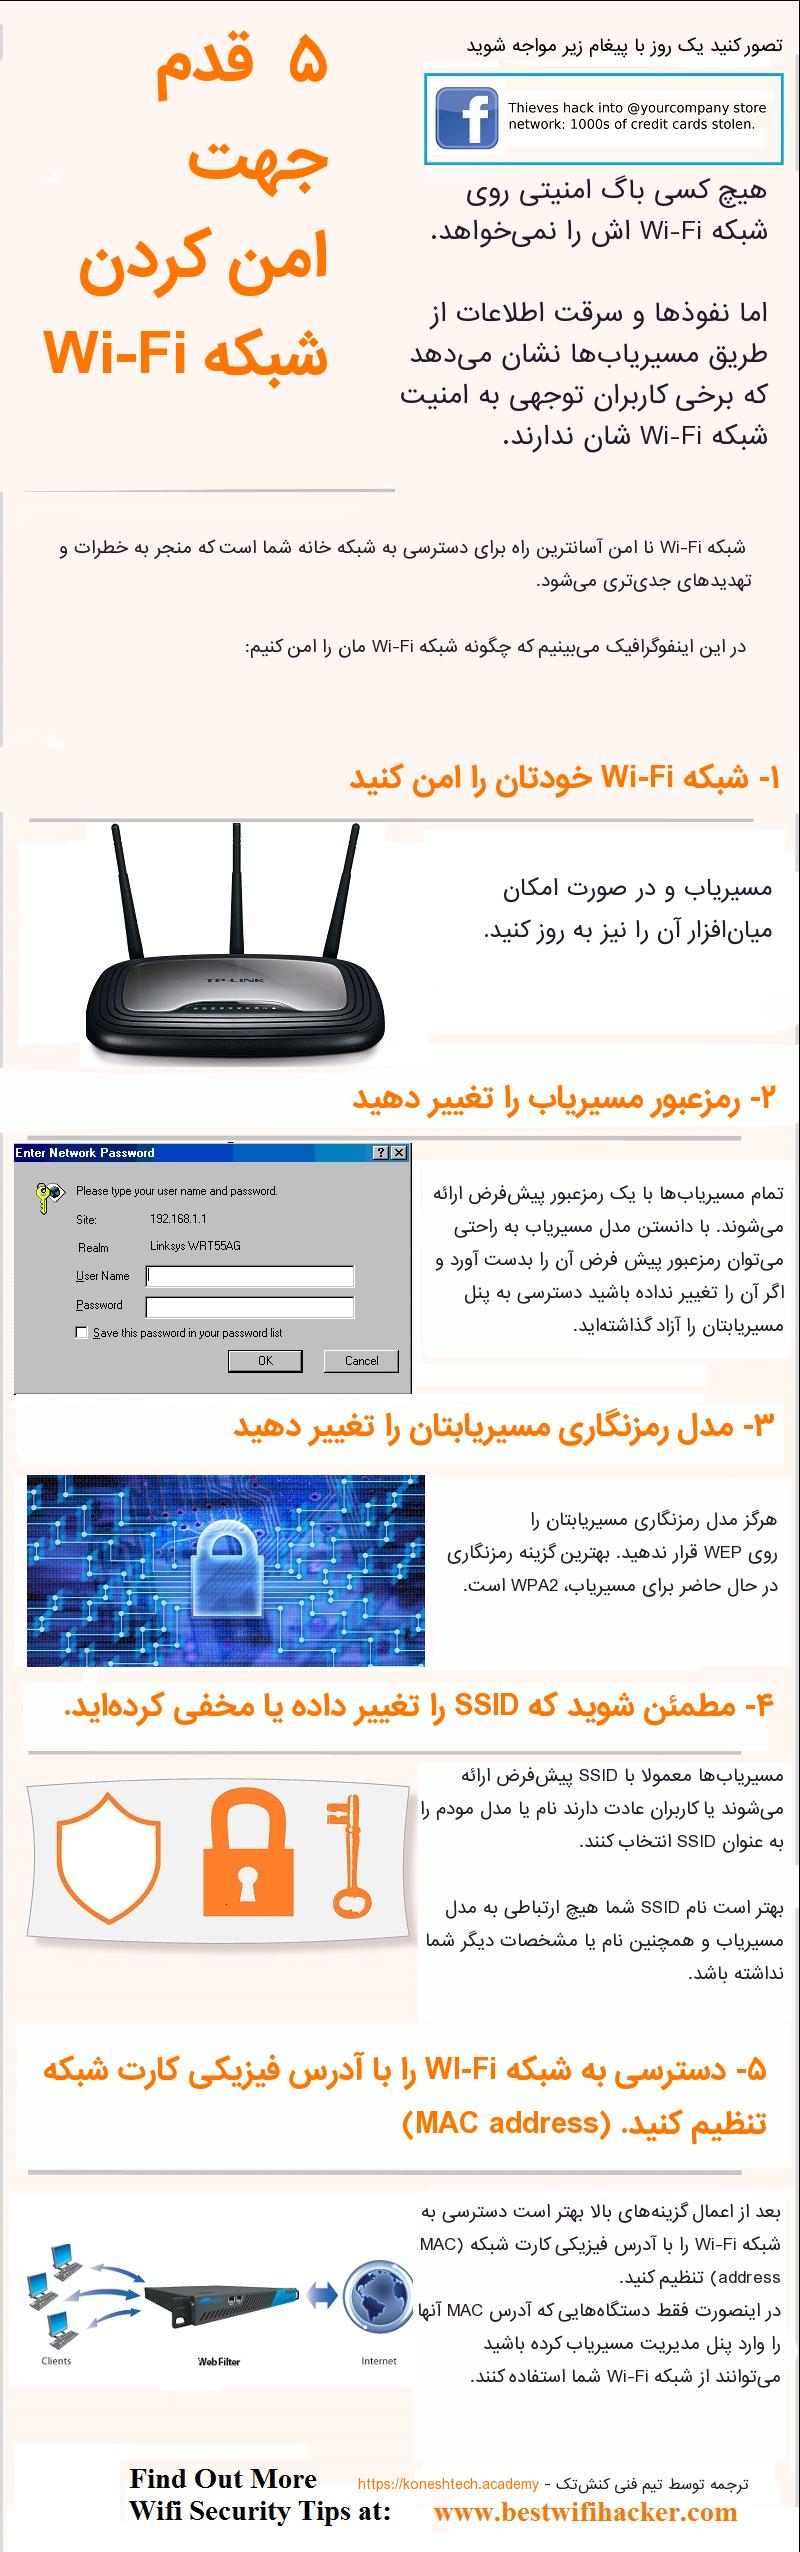 چگونه شبکه Wi-Fi را امن کنیم؟